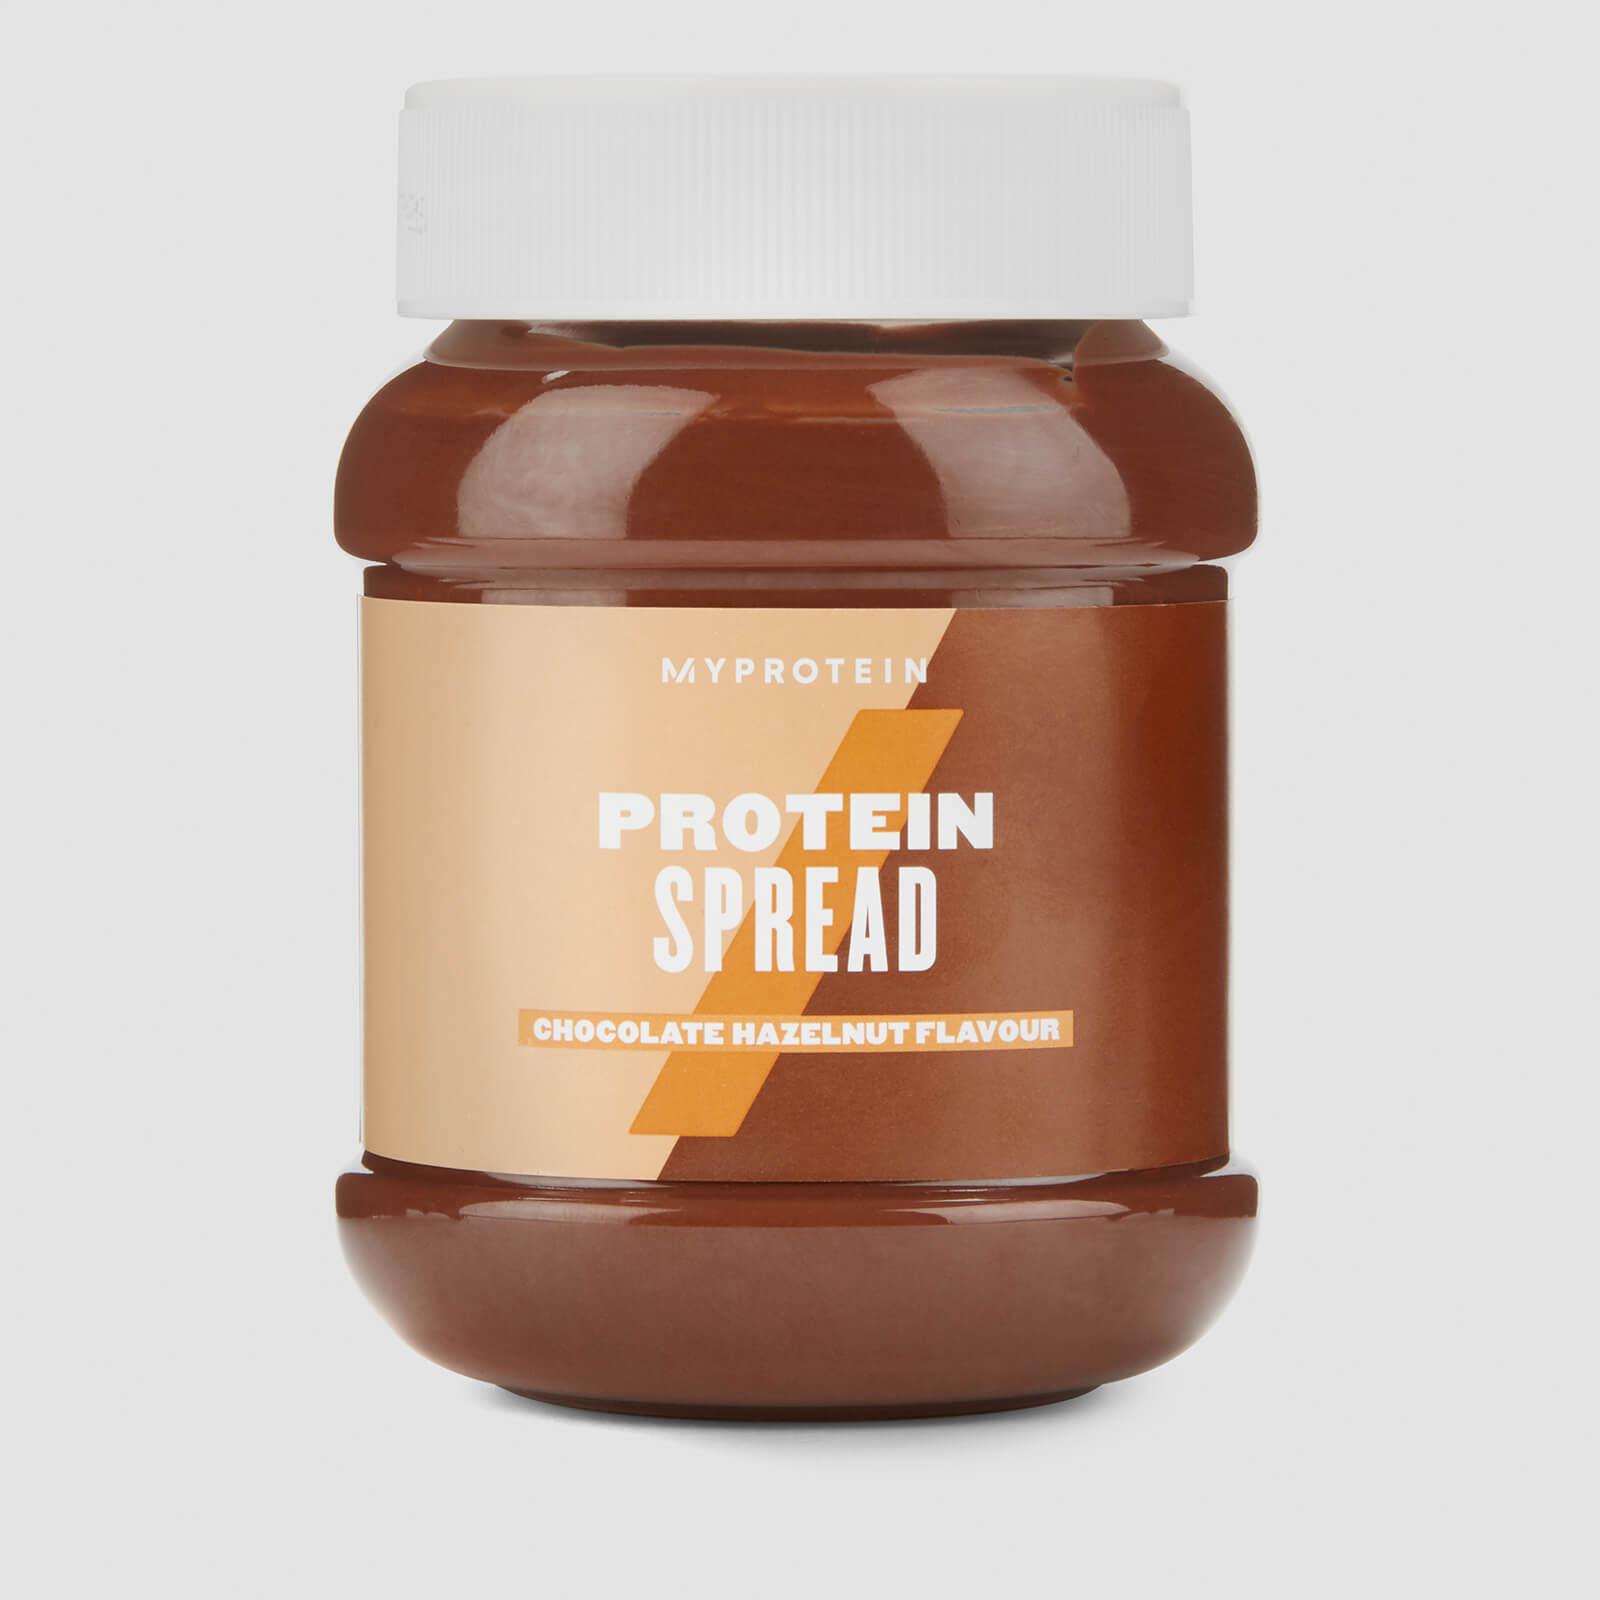 Myprotein Pâte à tartiner allégée protéinée - 360g - Chocolat aux noisettes